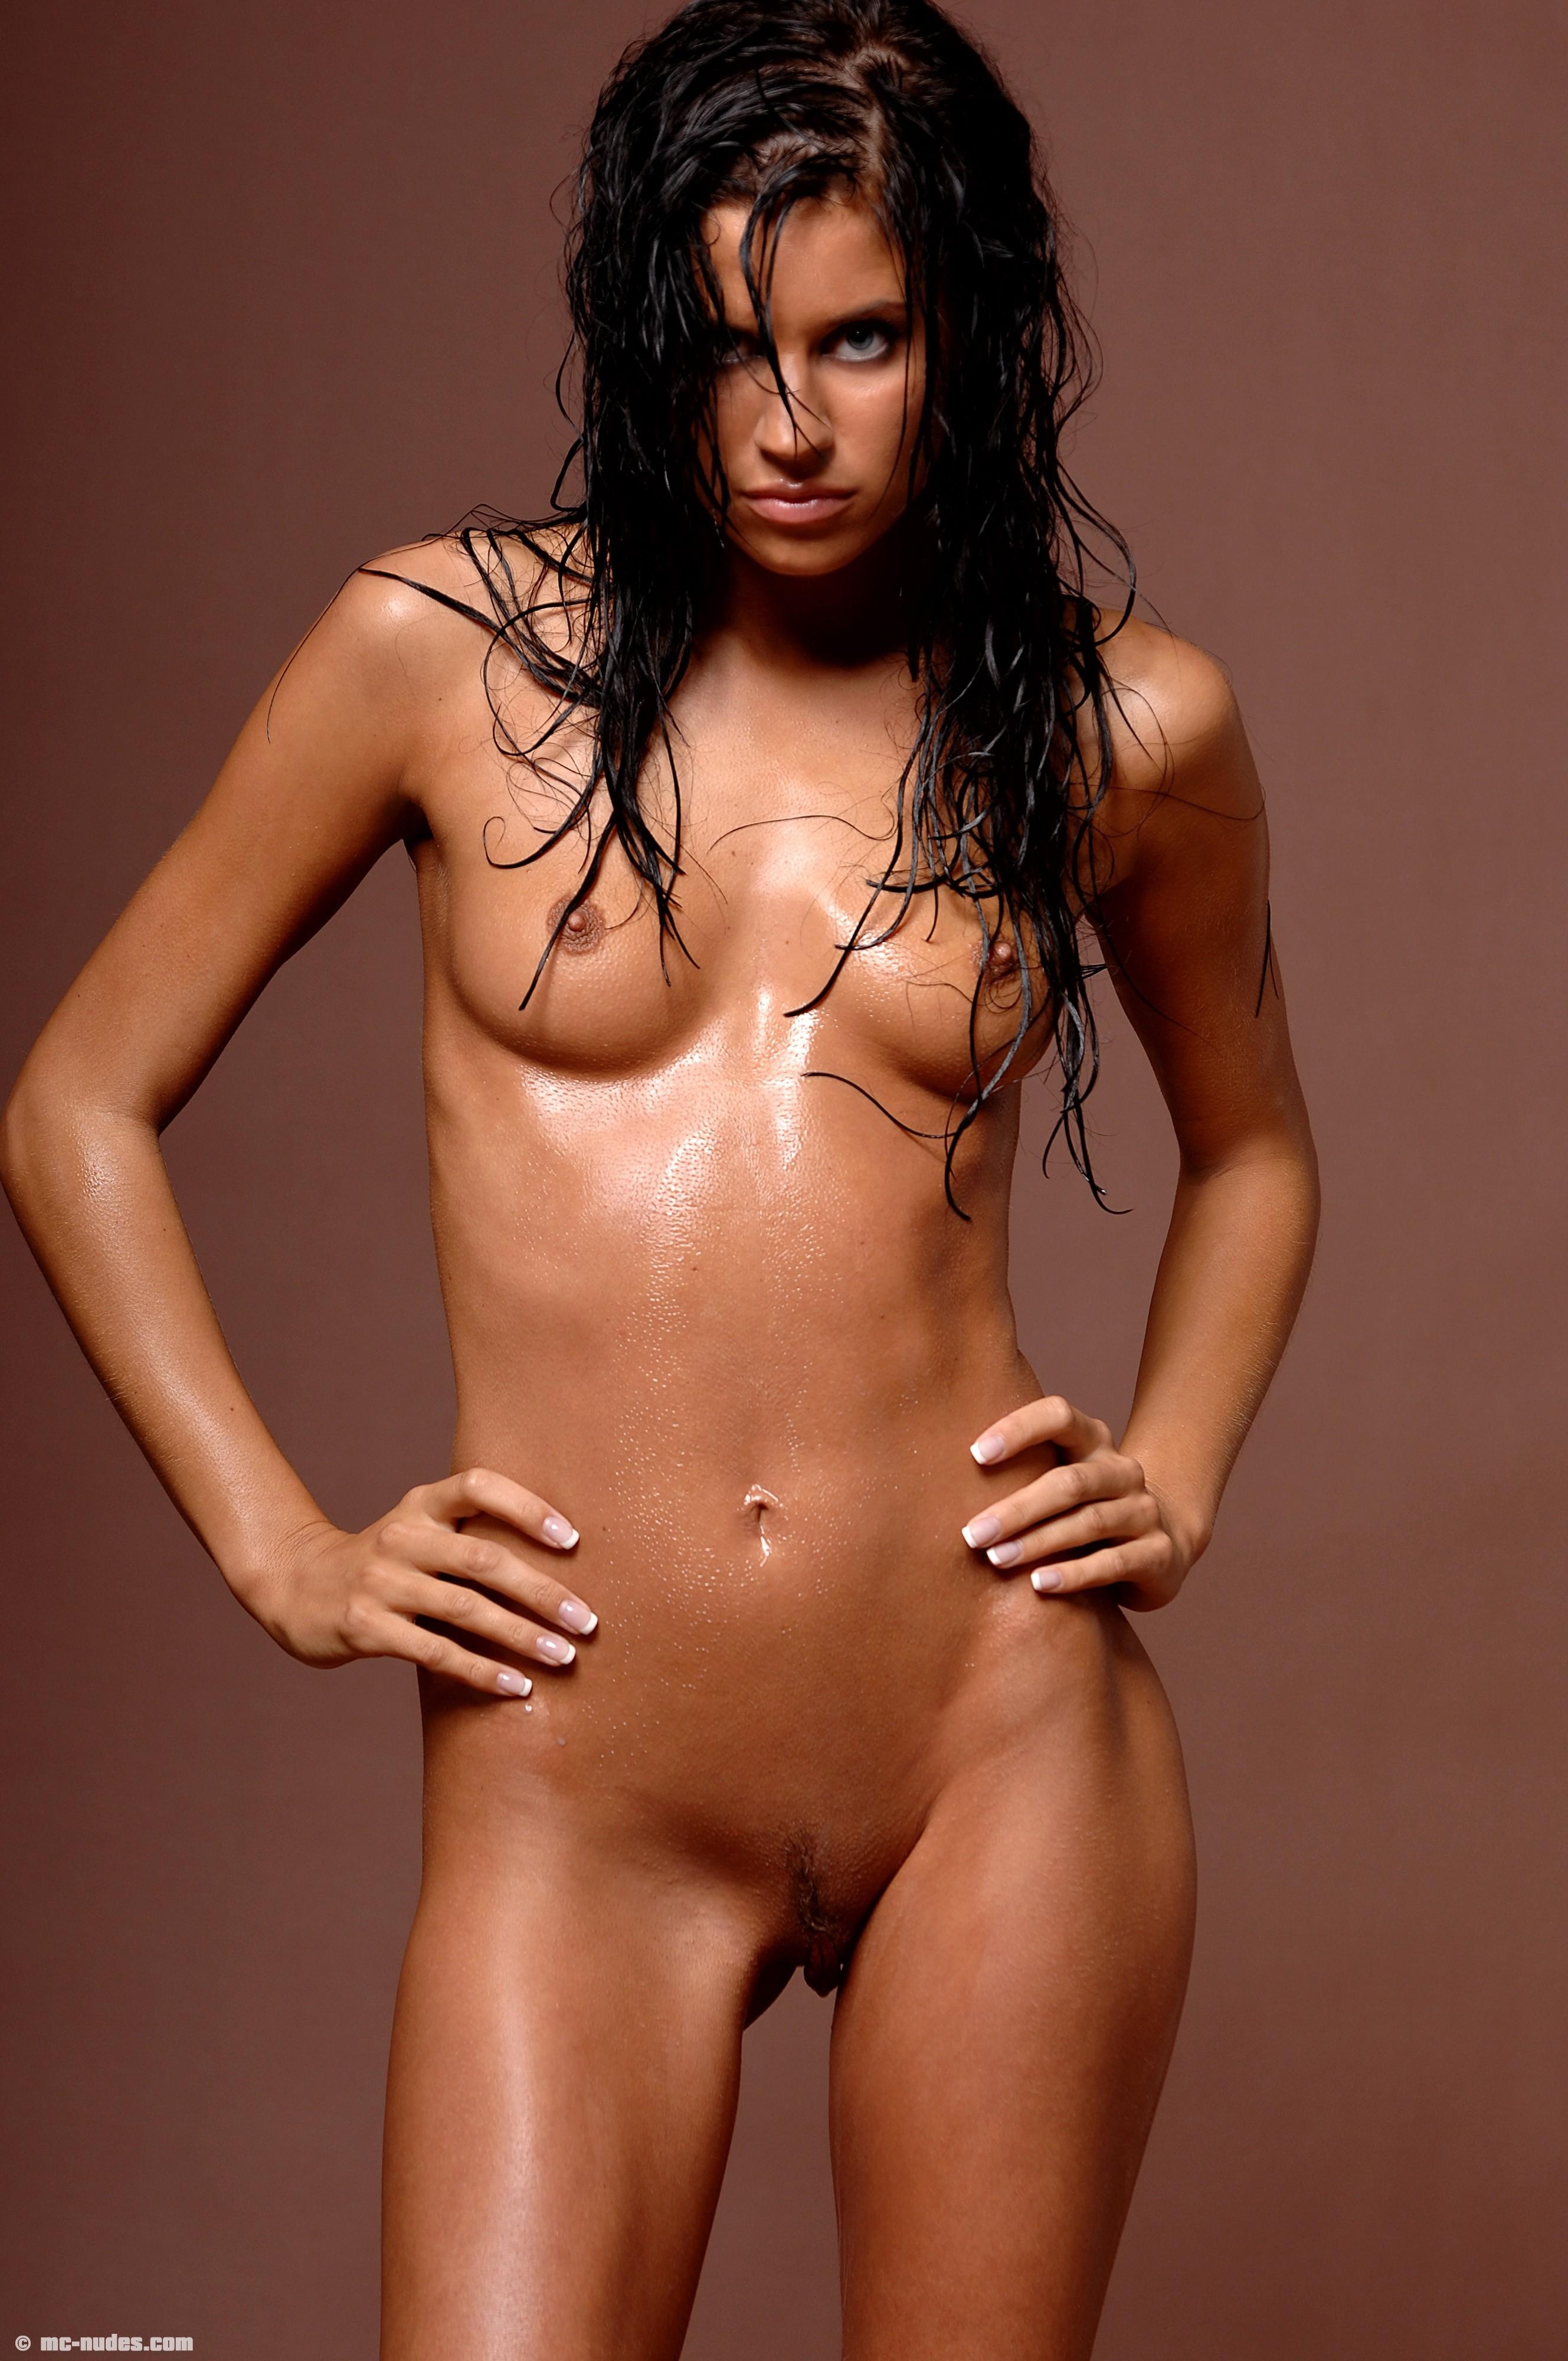 sandra bullock fake nude sex pics